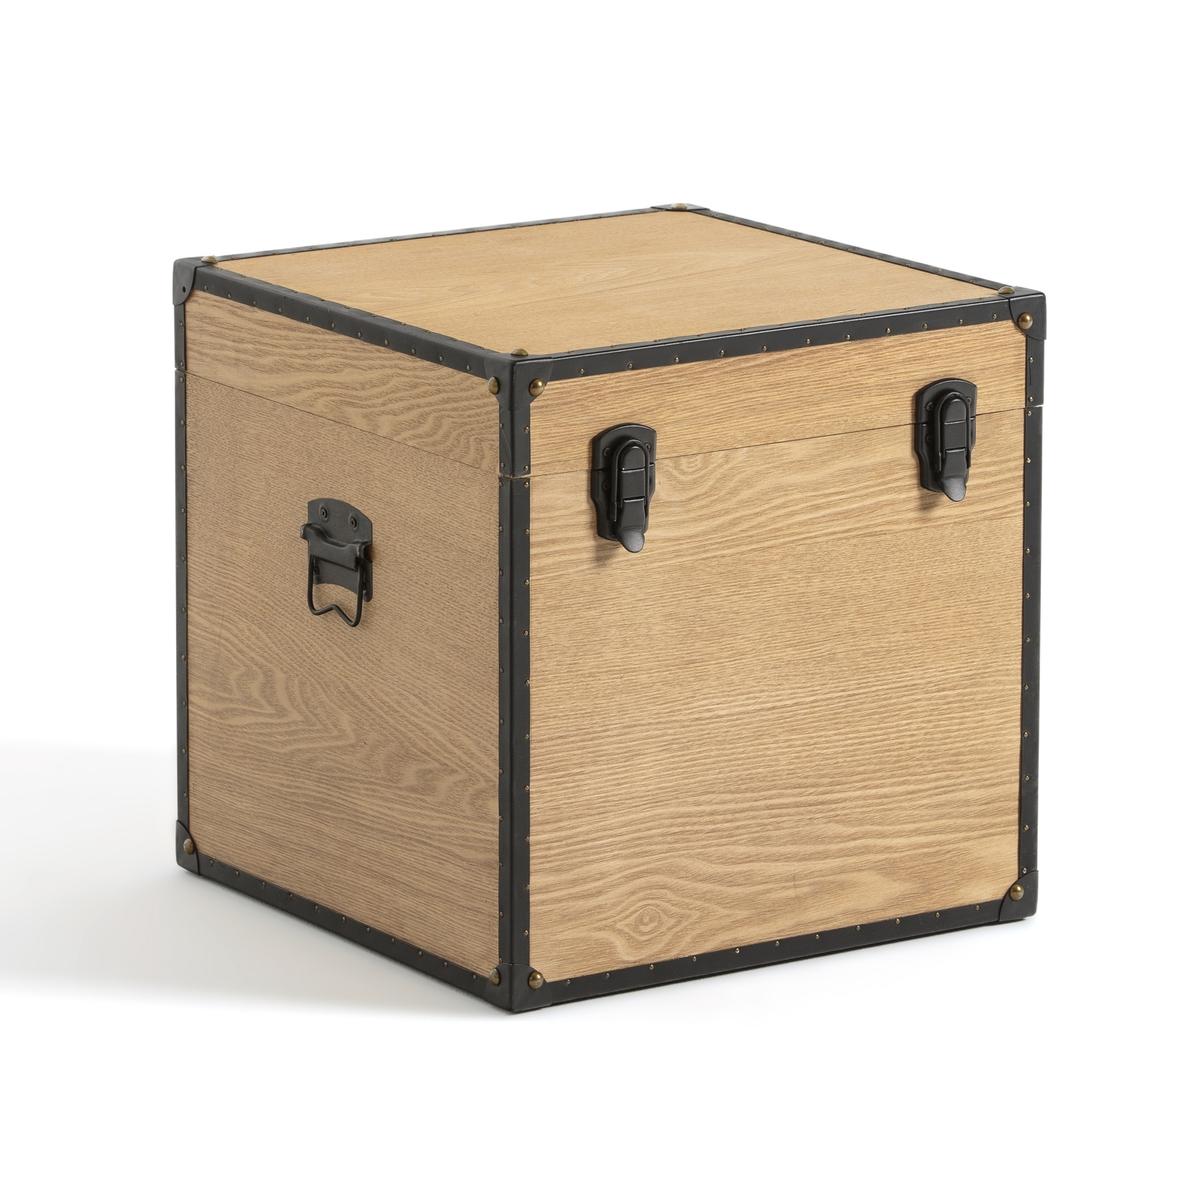 Ящик для хранения В.40 см TIMA jd коллекция дефолт обновление раздела ящик для хранения небольшого ящика 3